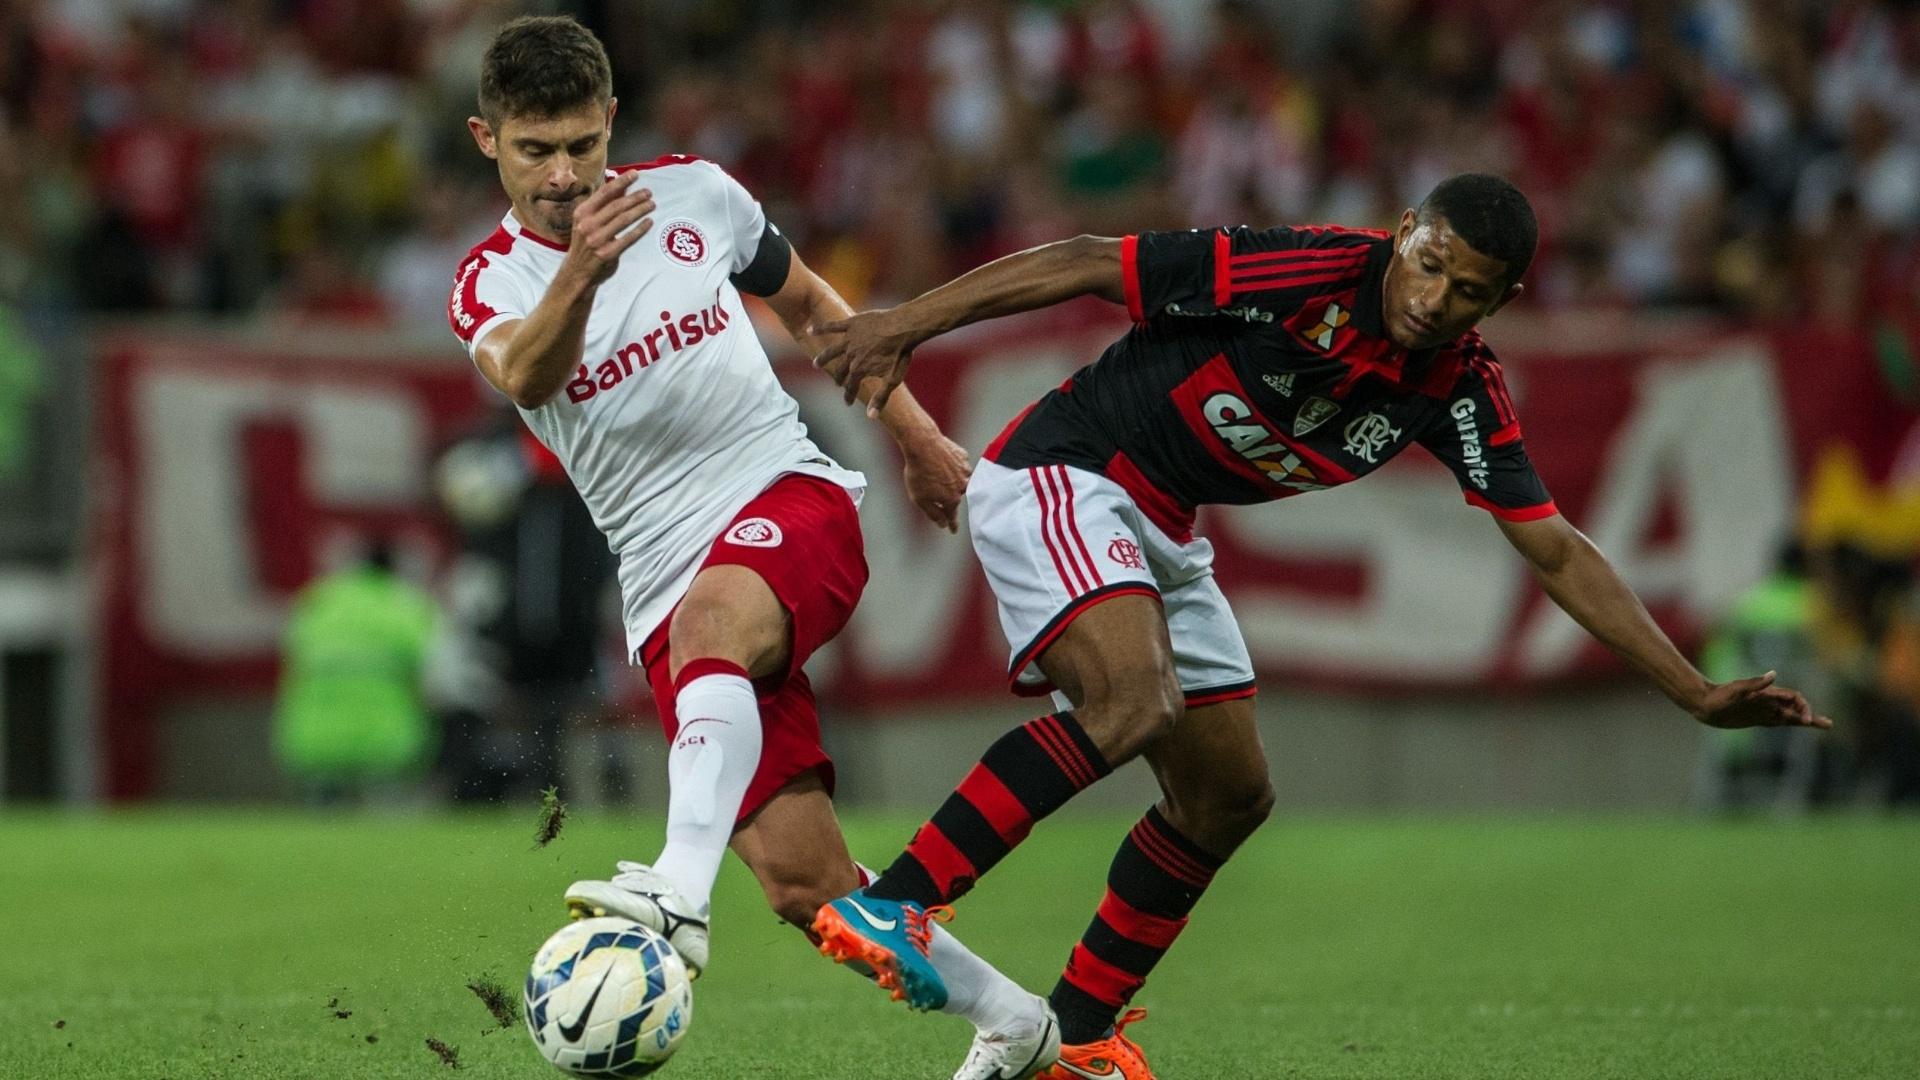 Meia Alex tenta passar pela marcação do Flamengo em jogo da 30ª rodada do Brasileirão